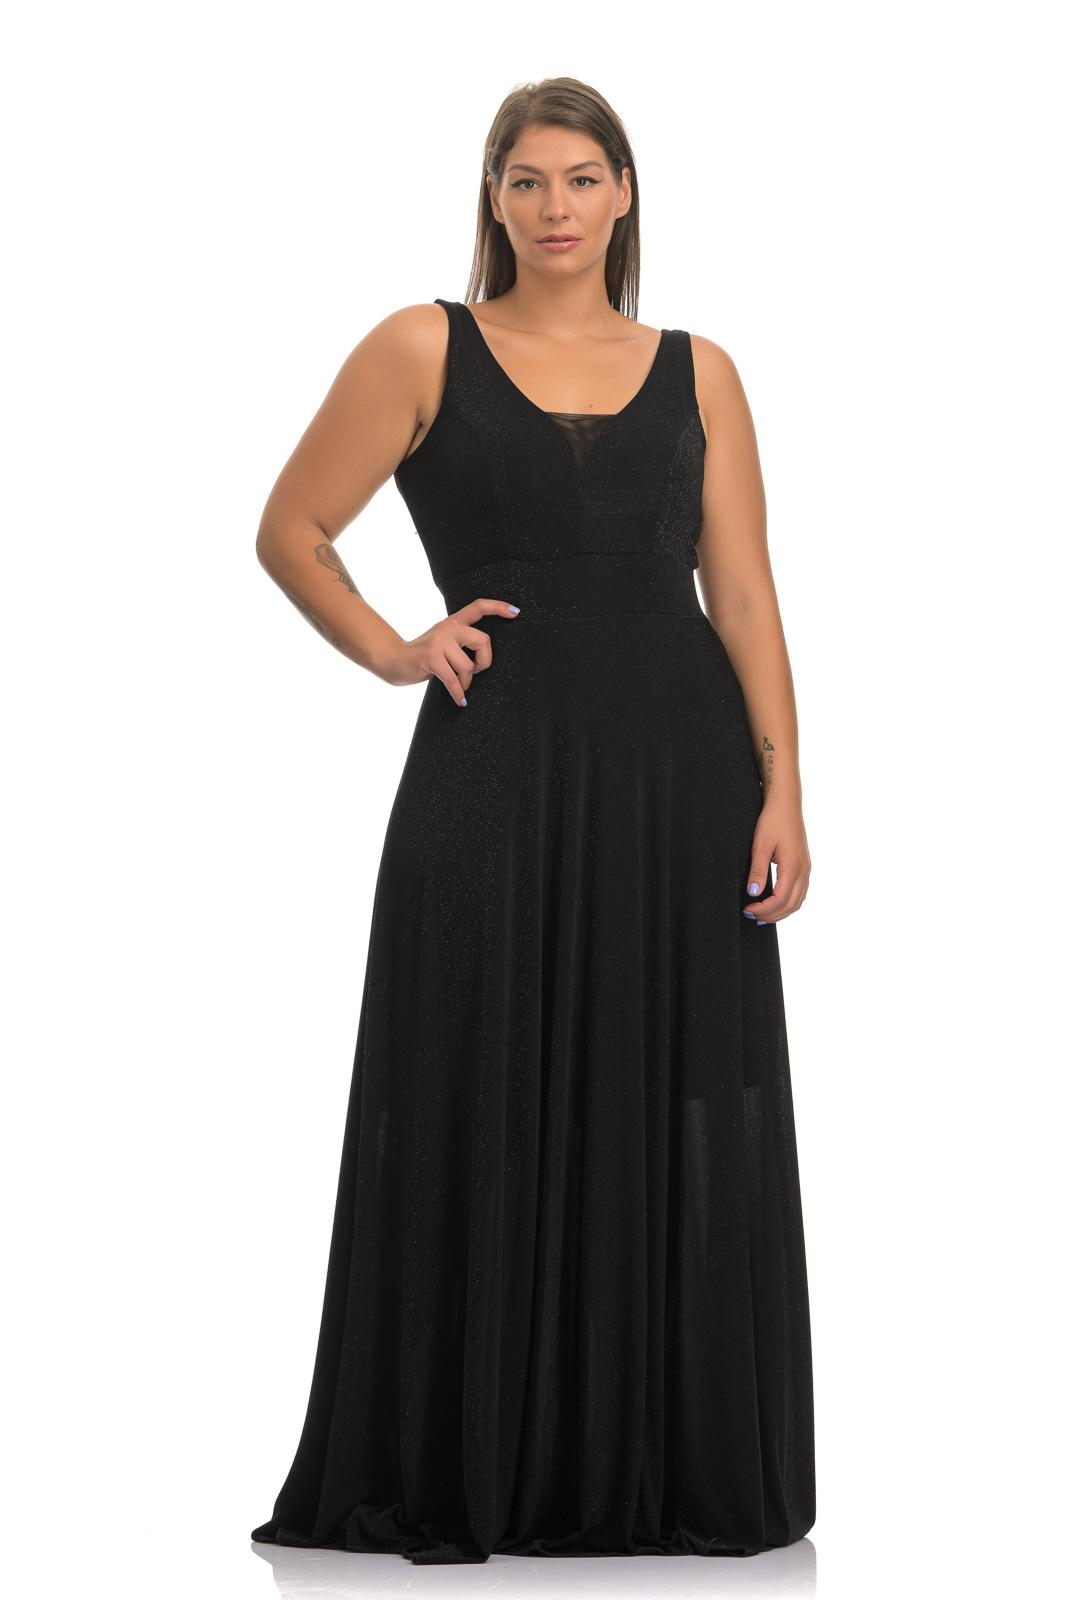 Φόρεμα maxi λούρεξ μαύρο με διαφάνεια στο στήθος και λάστιχο στη μέση